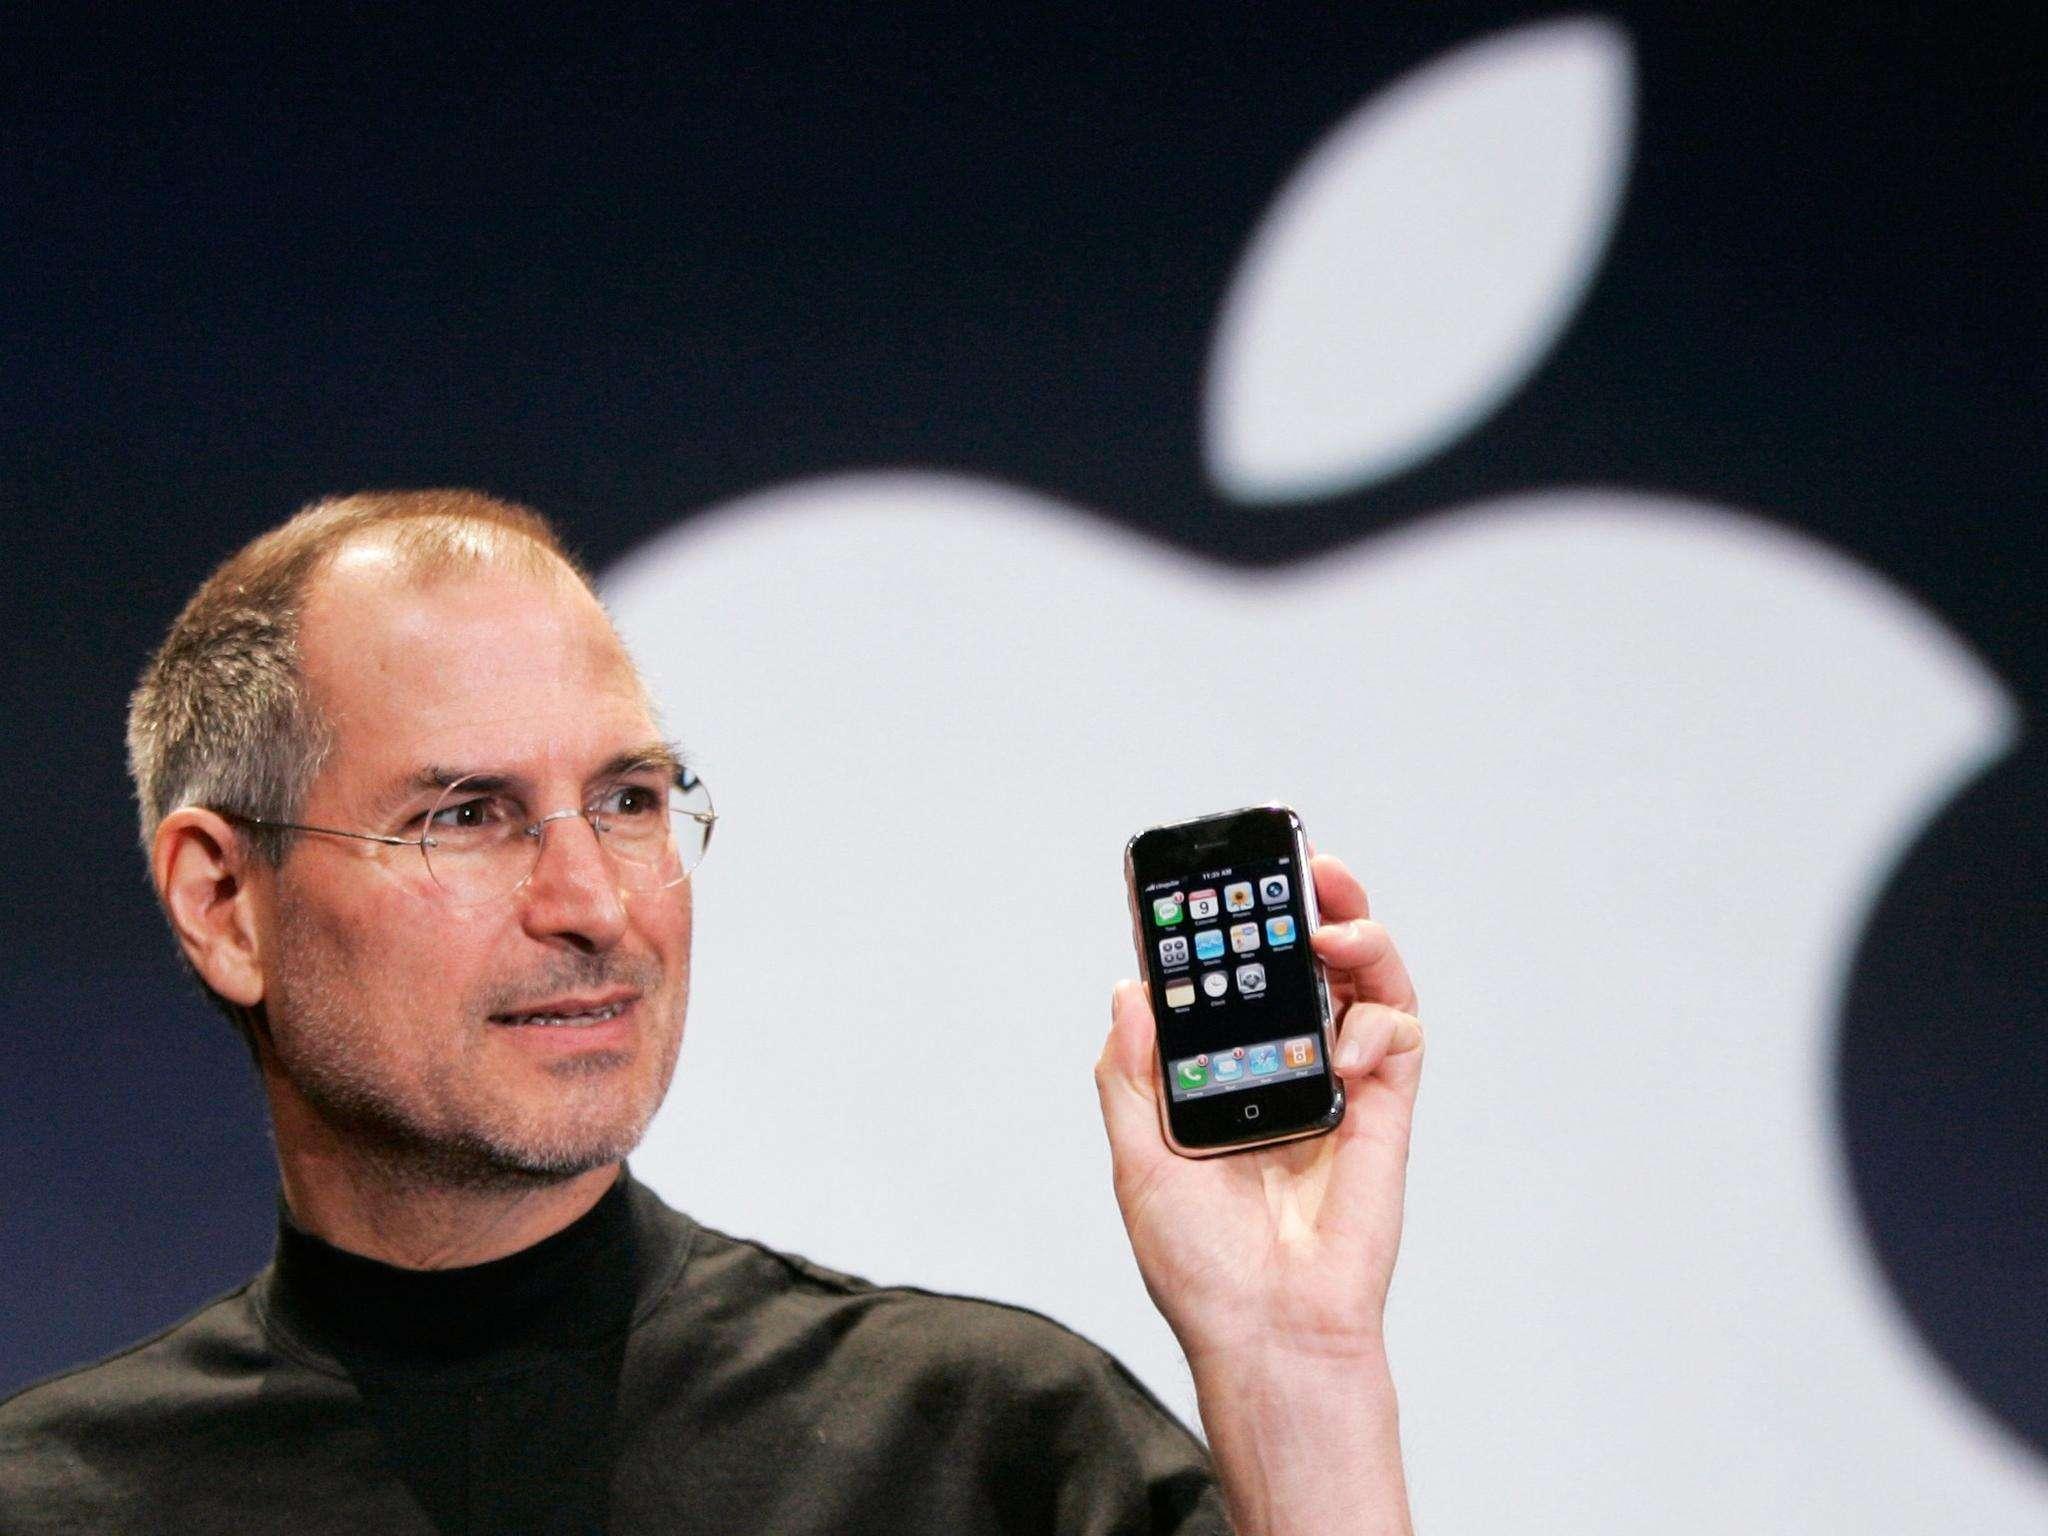 为什么感觉苹果的技术总是比国产手机慢一步【生活热点】